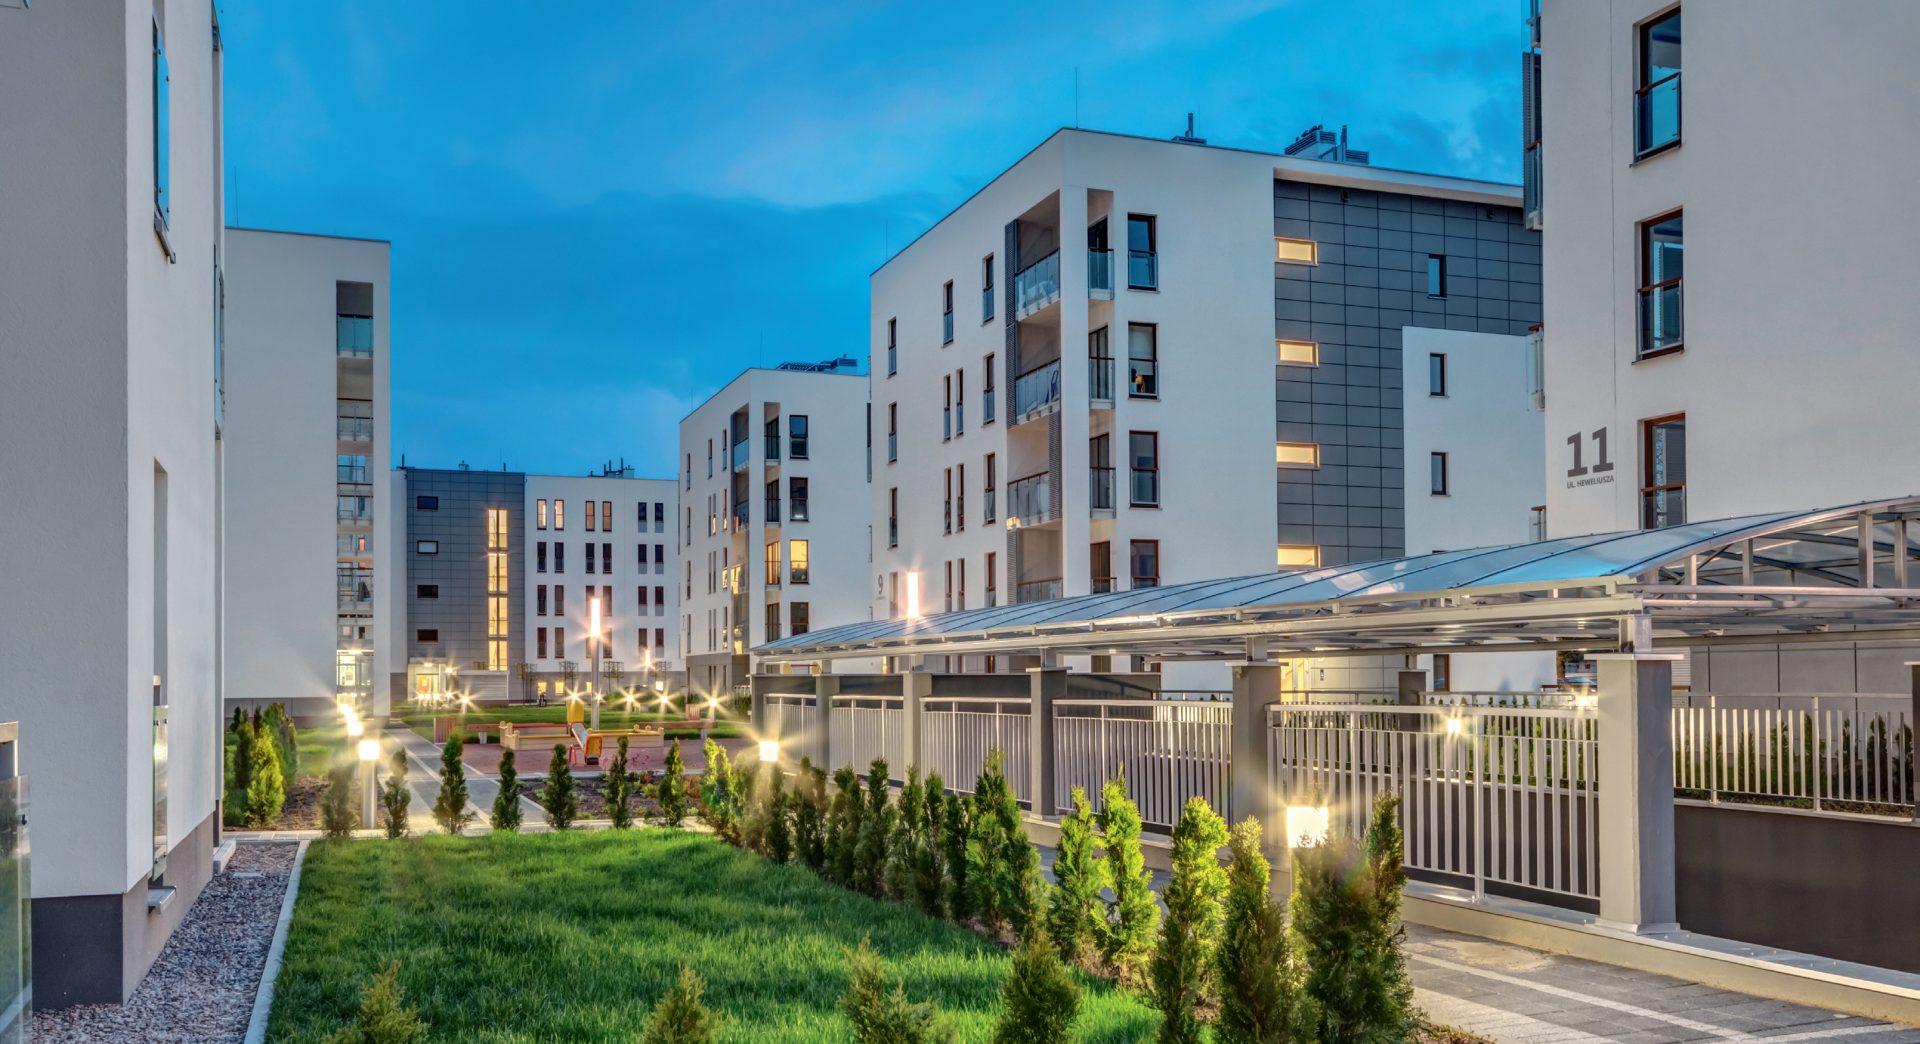 Osiedle Hevelia, Poznań, Polska. Inwestor: Monday Development.